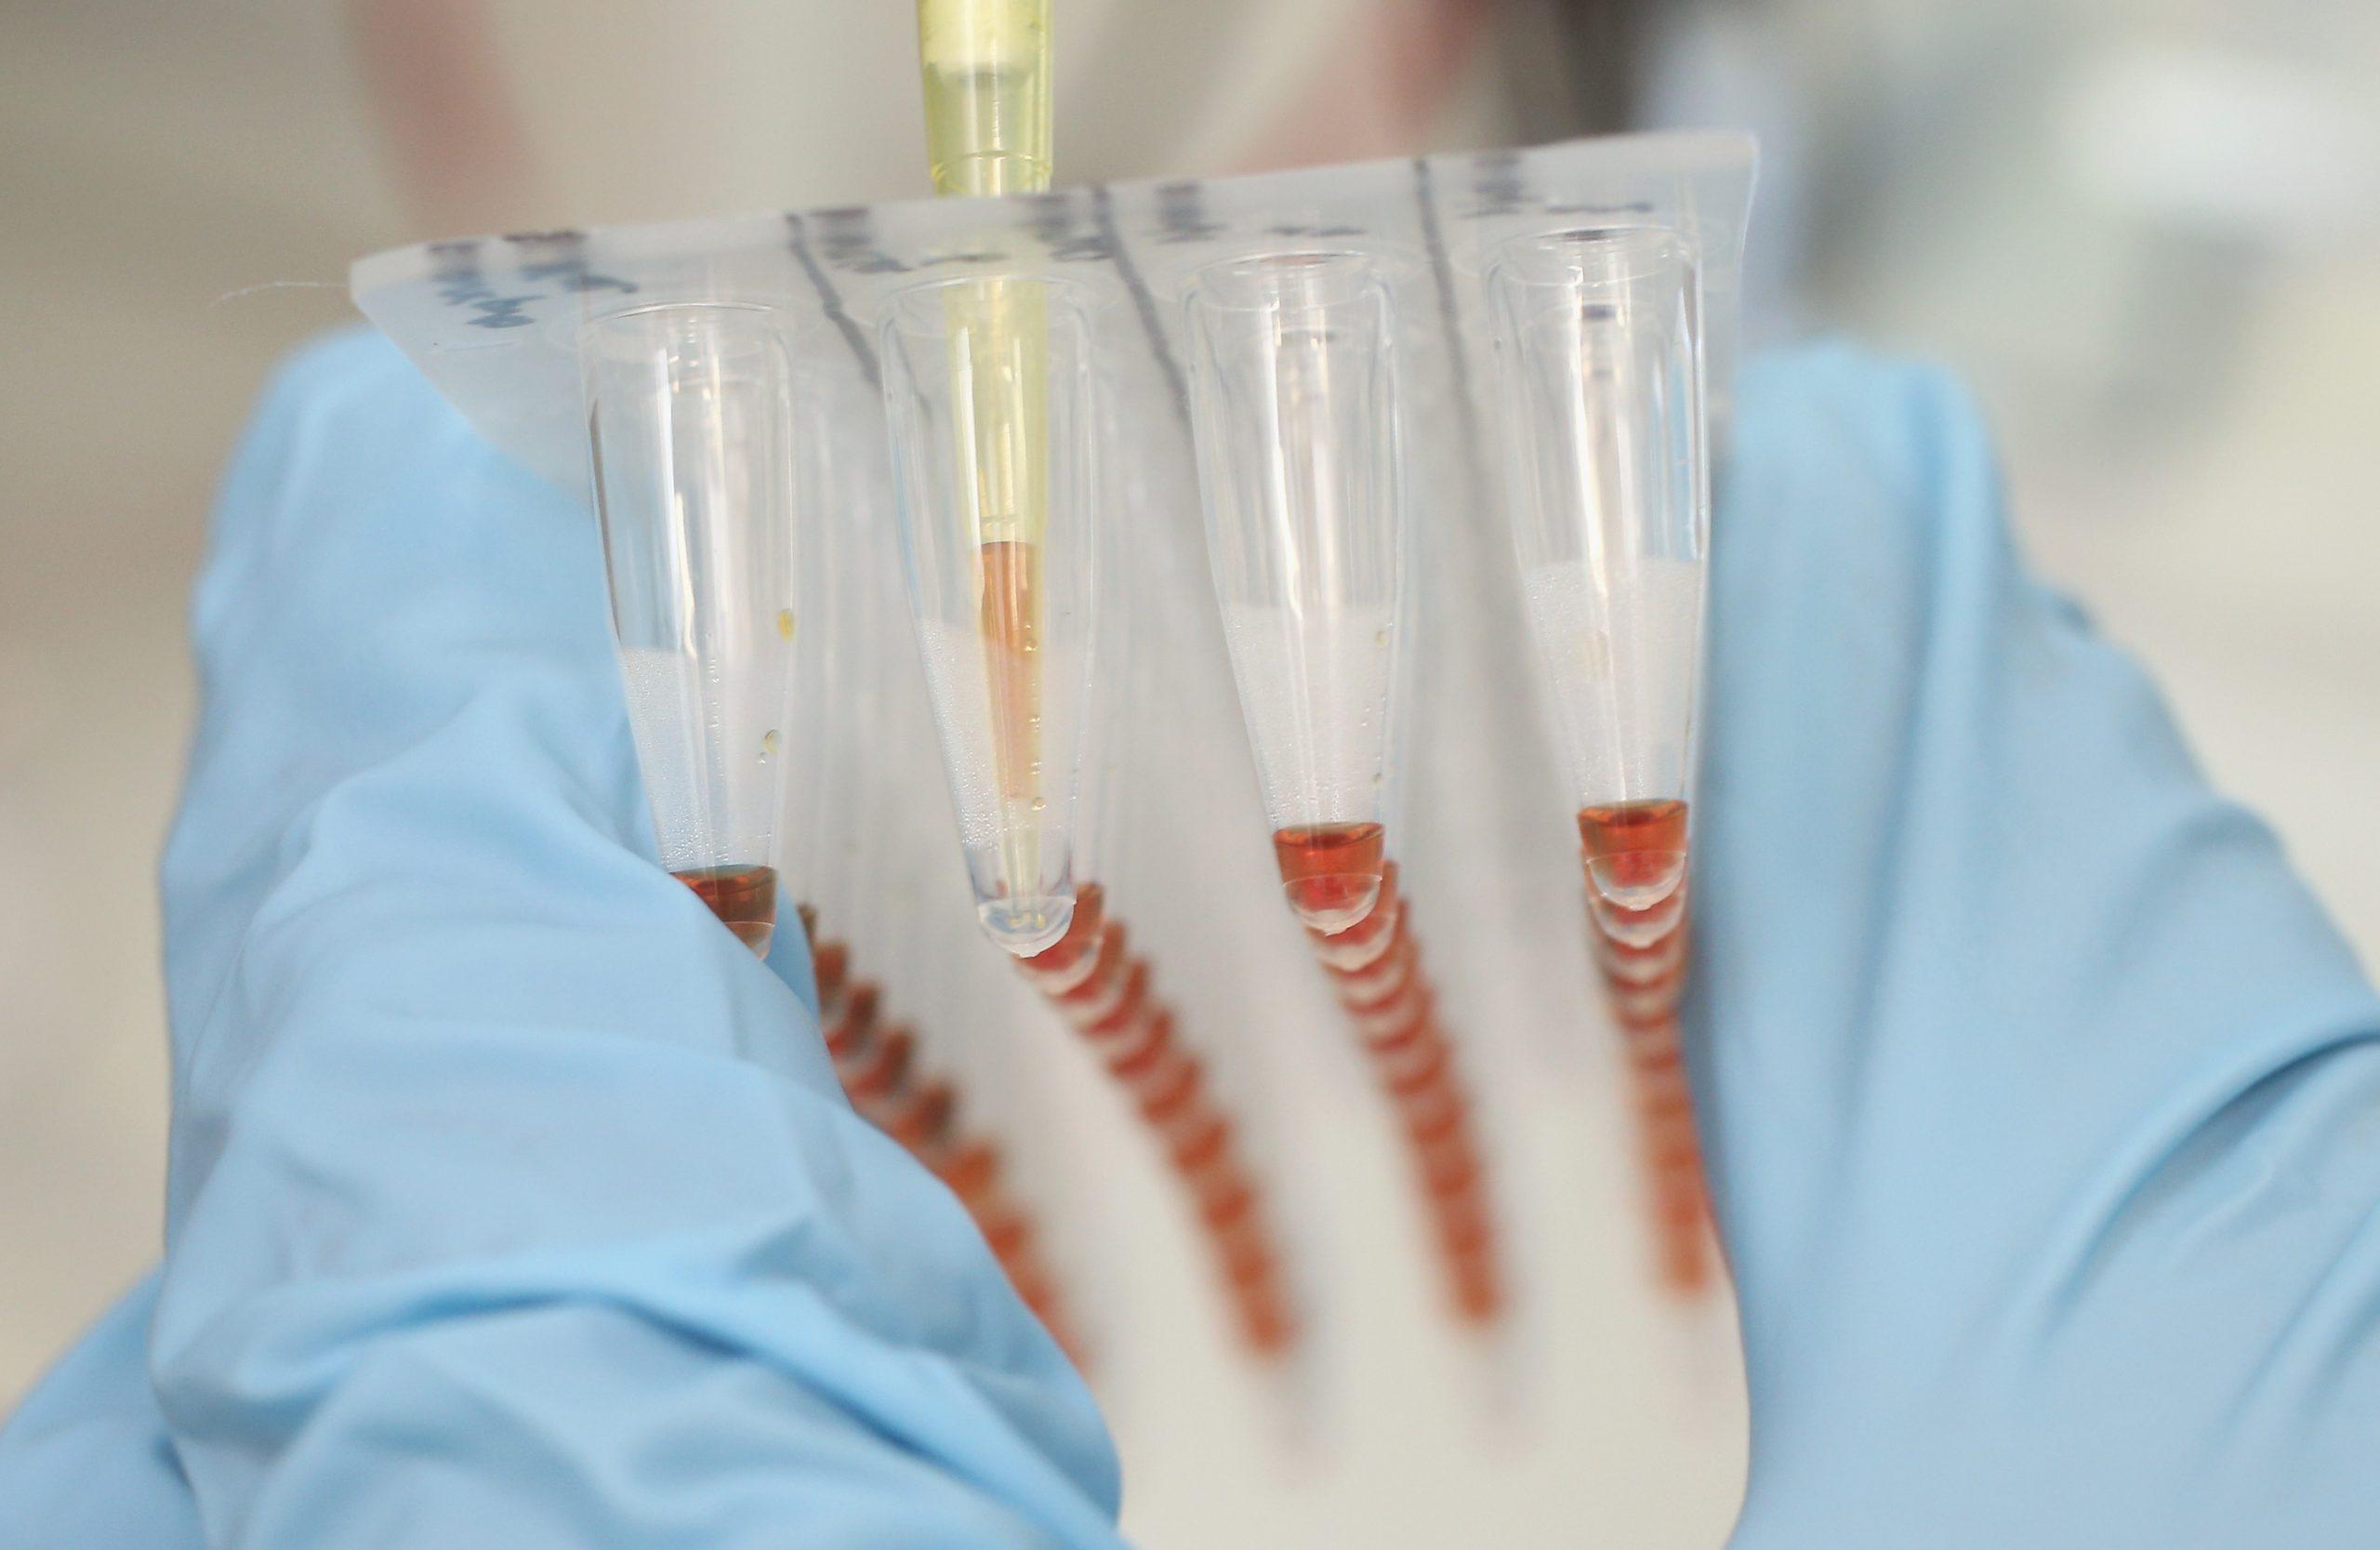 DNA-basierte Speicherchips, synthetische DNA und eine industrielle Allianz (Teil 2)